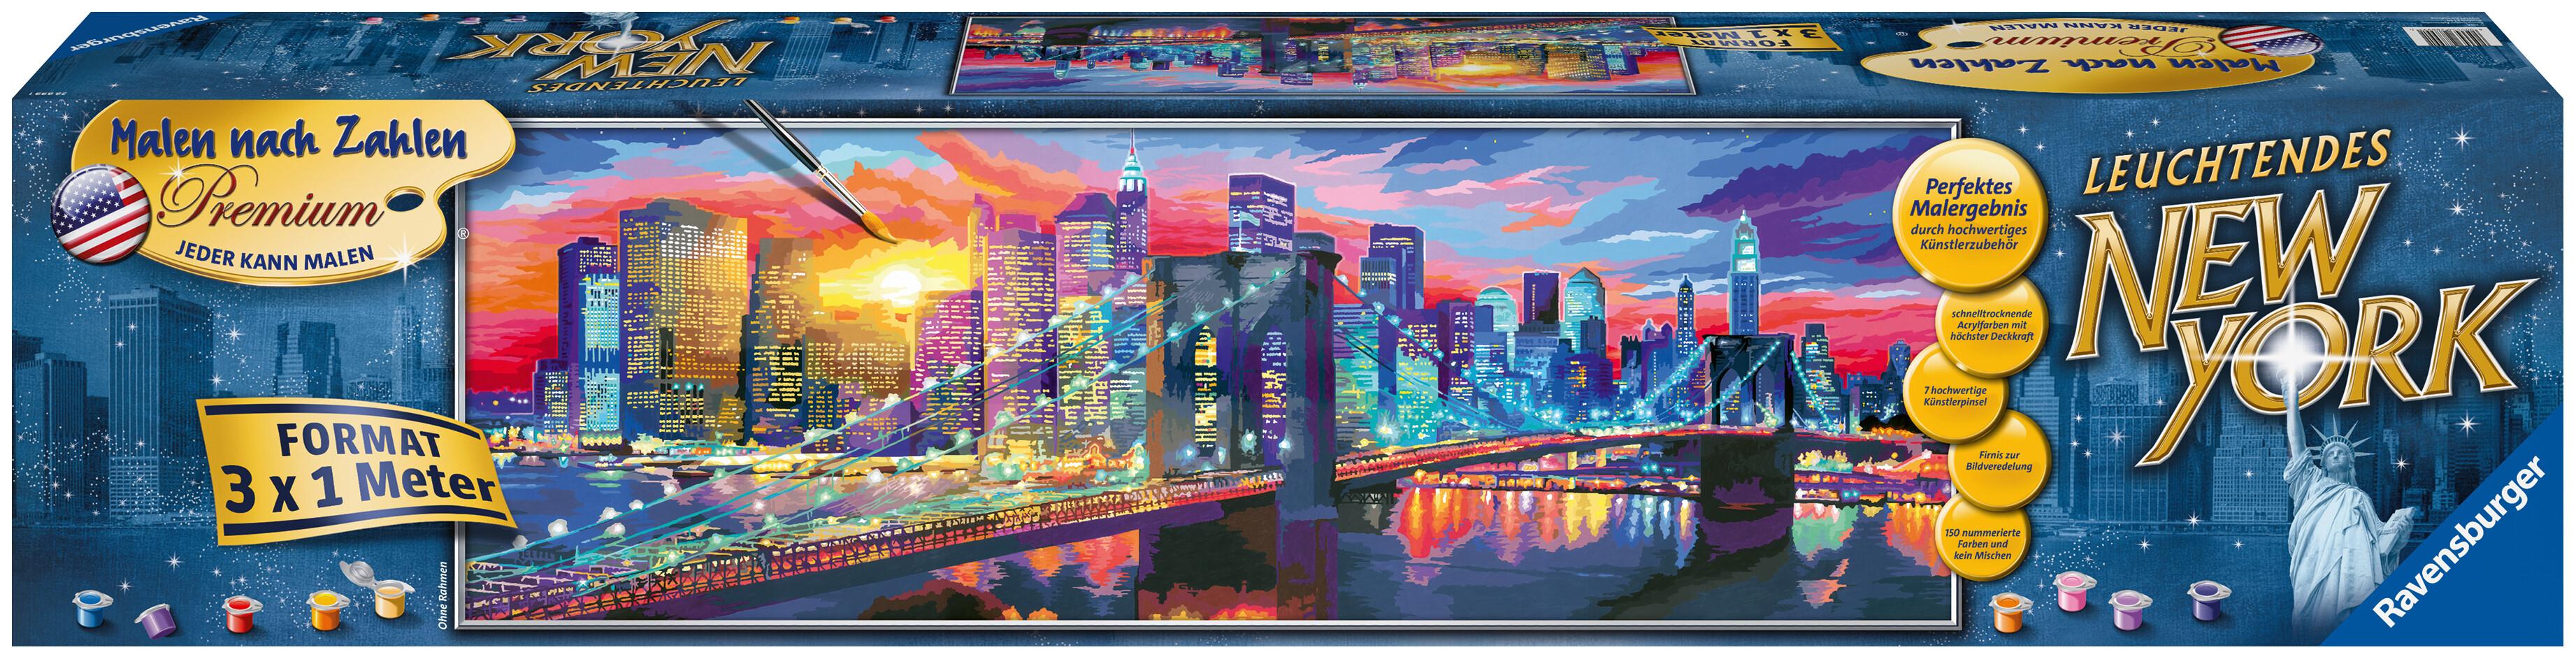 [Hugendubel.de] Malen nach Zahlen Leuchtendes New York (300x100cm) zum Bestpreis